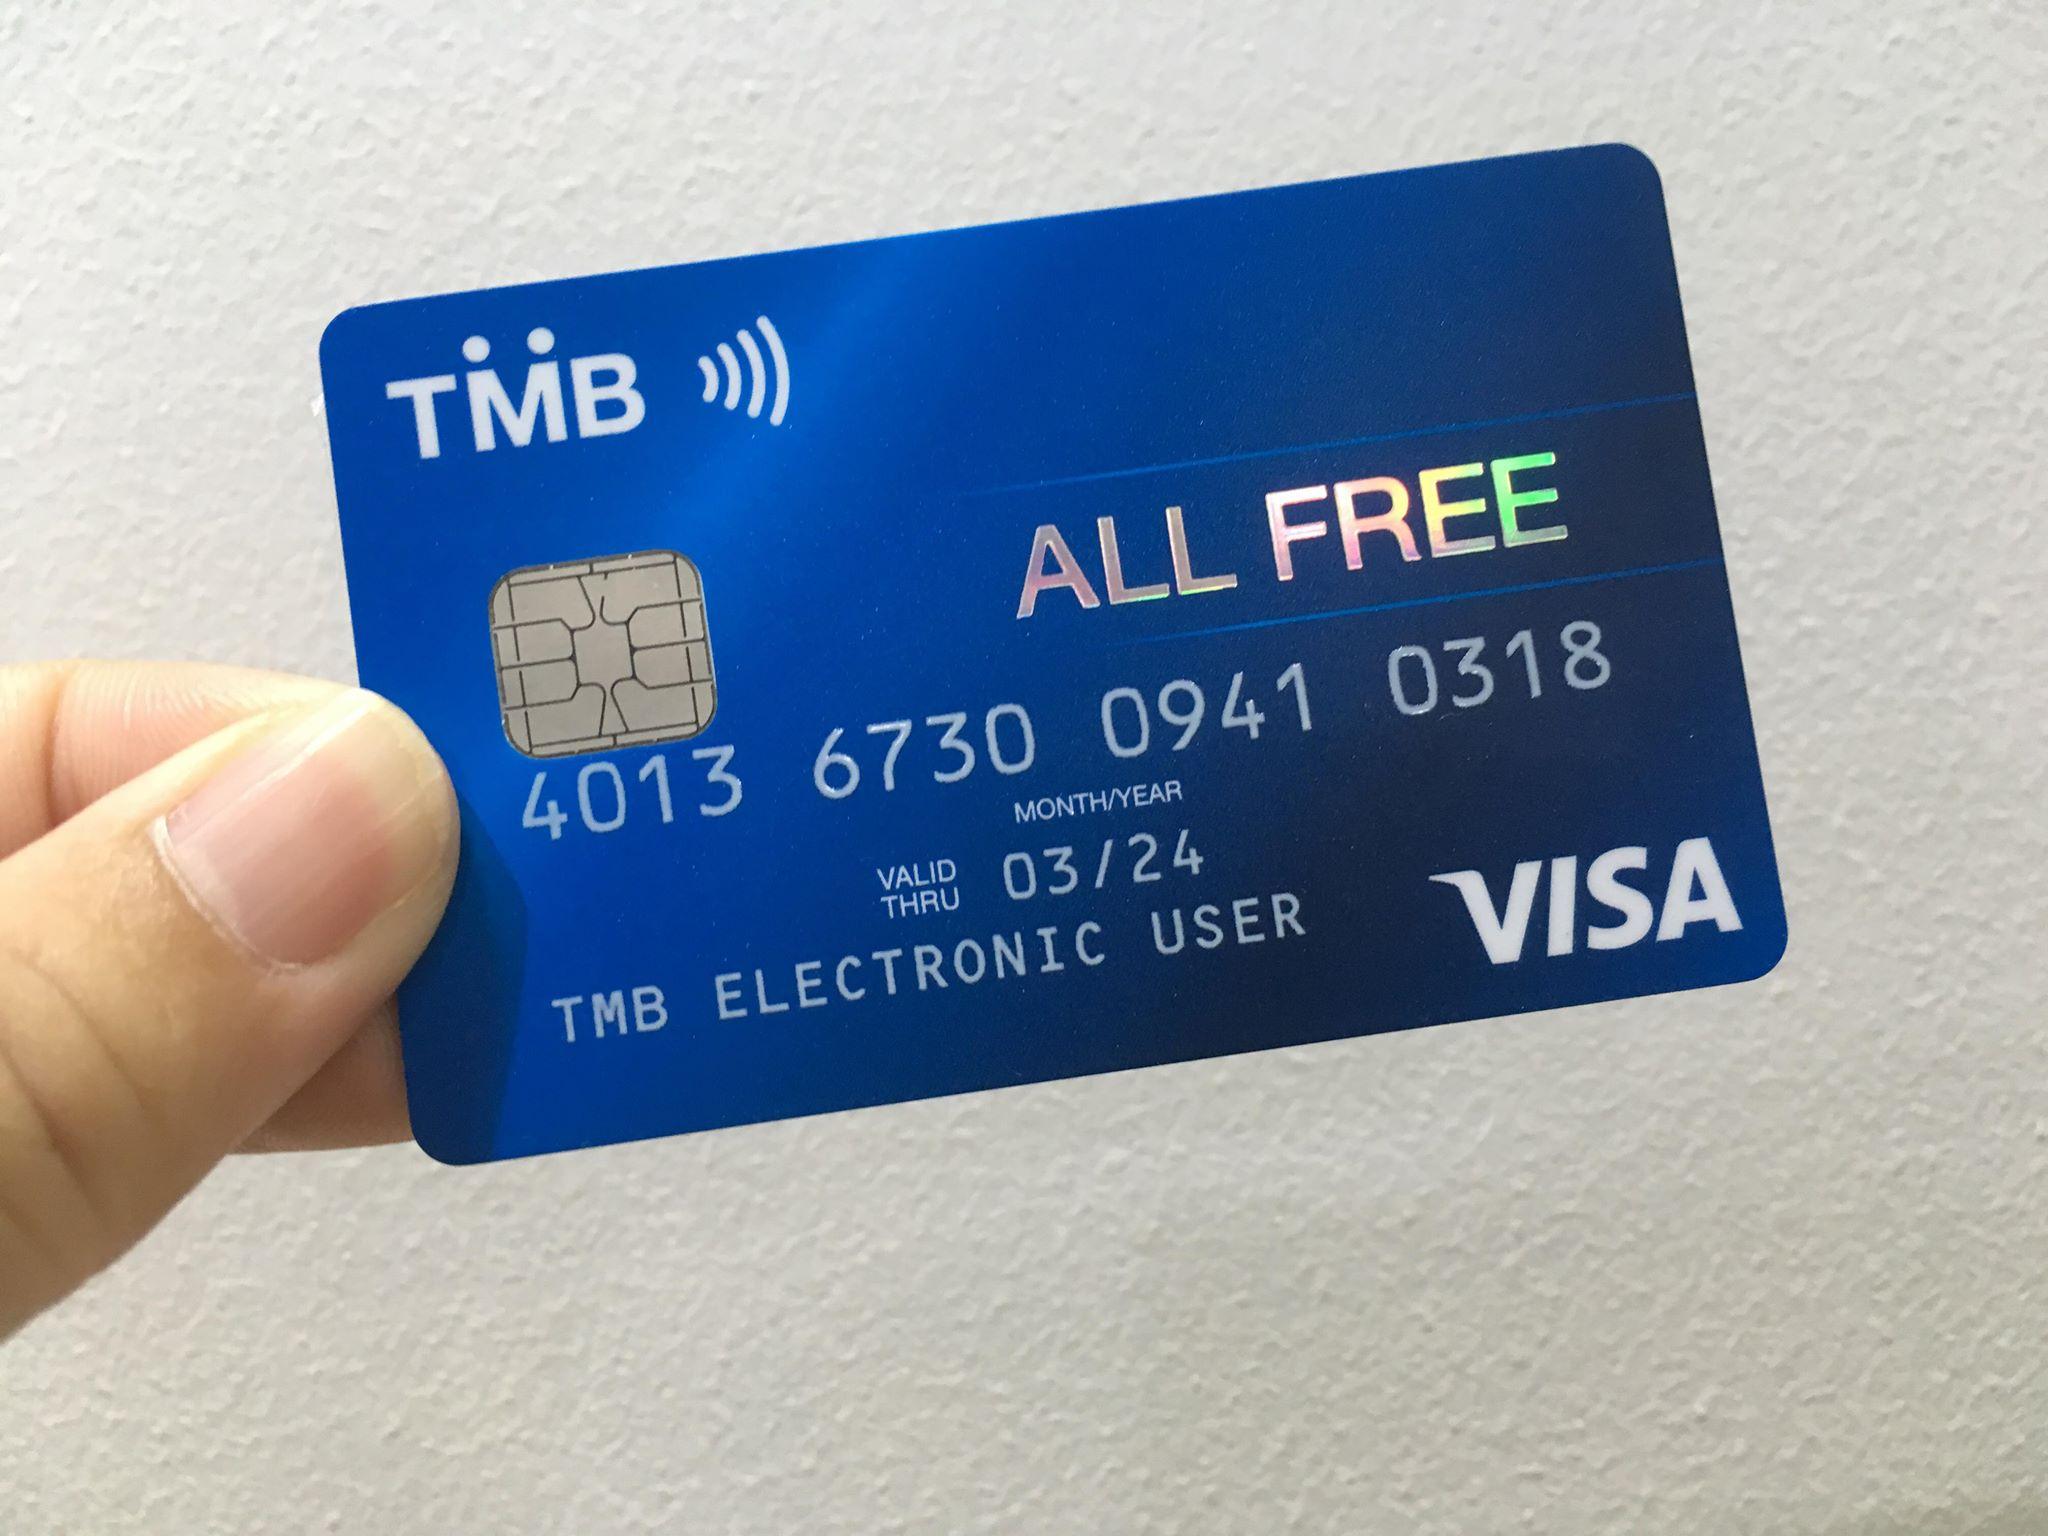 """""""ทีเอ็มบี"""" เพิ่มวงเงินบัตรเดบิต """"ออล ฟรี"""" สูงสุด 2 ล้านบาท แถมให้ออกบัตรพิมพ์ชื่อได้"""